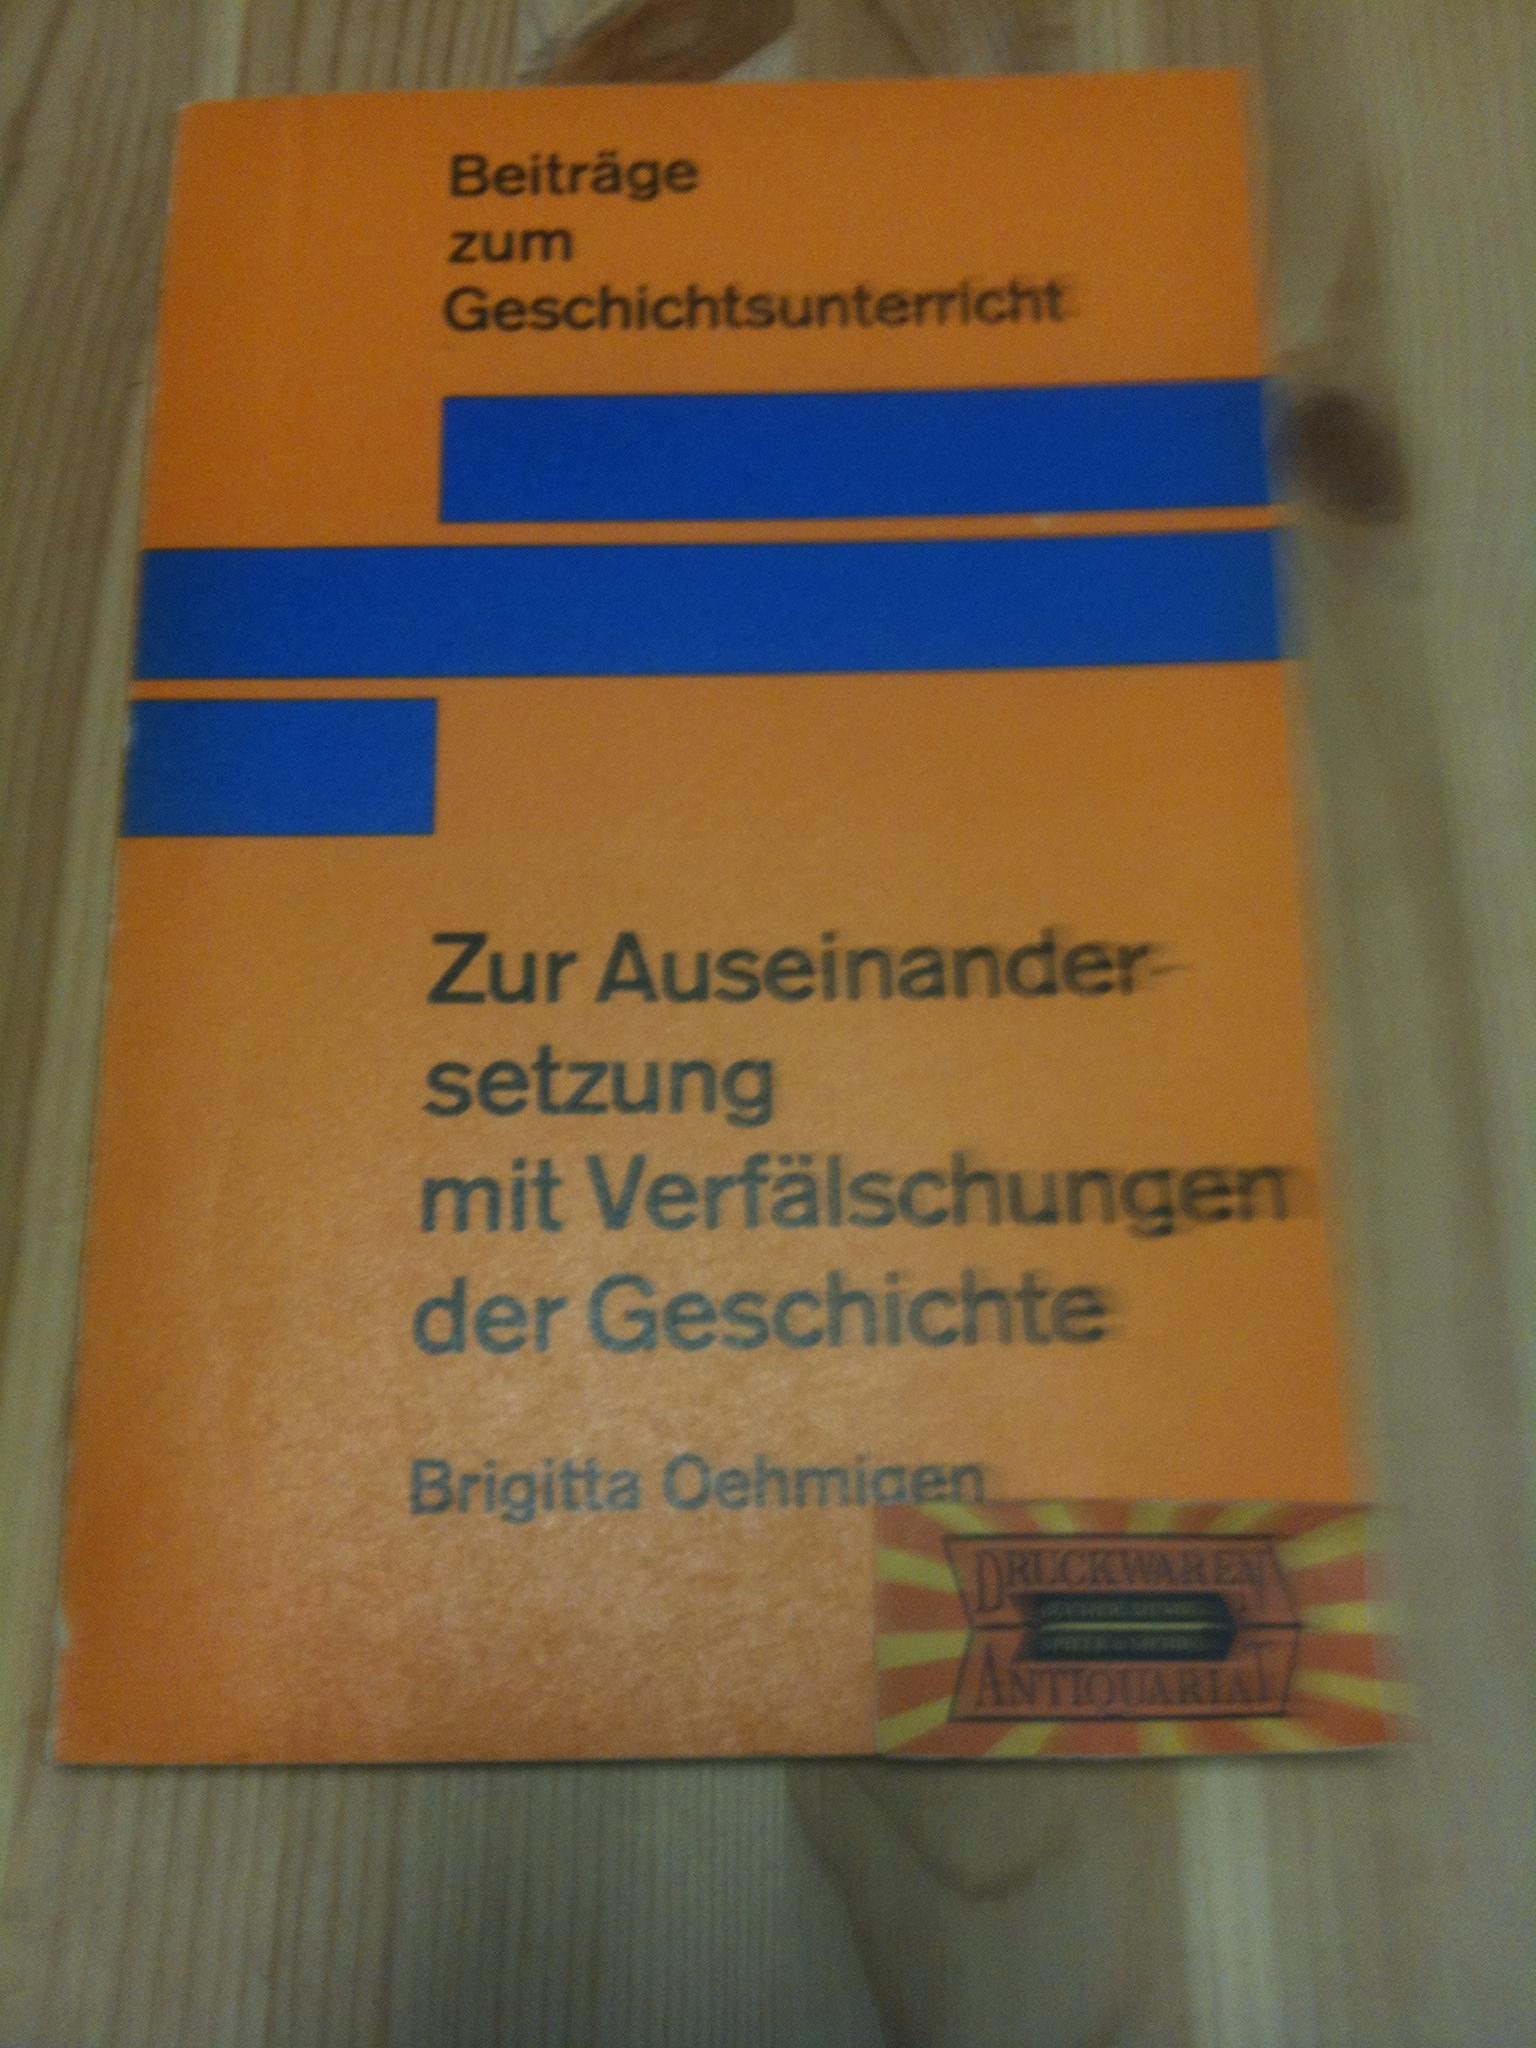 Oehmigen, Brigitta: Zur Auseinandersetzung mit Verfälschungen der Geschichte. Beiträge zum Geschichtsunterricht. 1. Aufl.